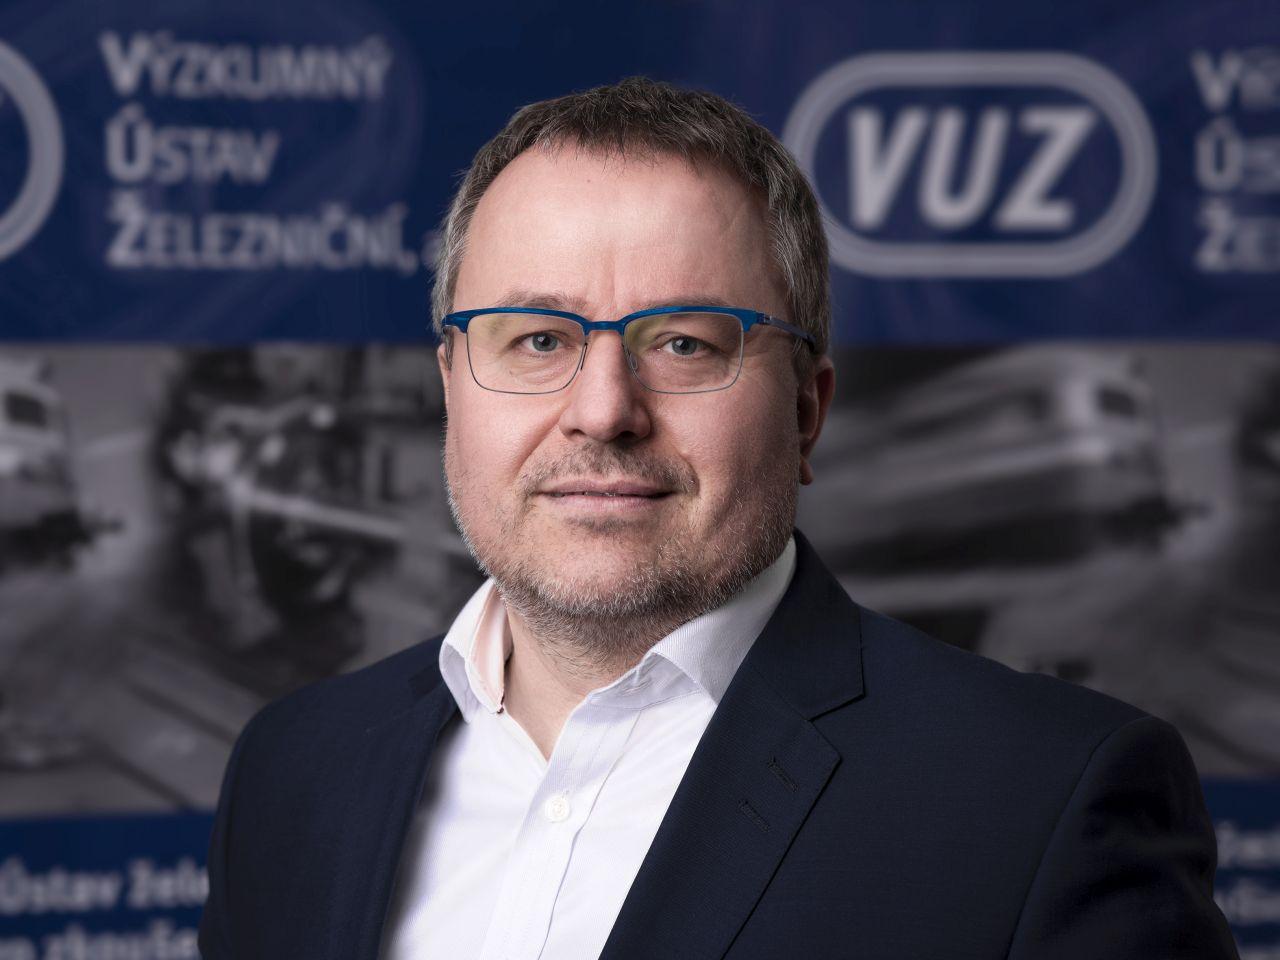 Martin Bělčík. Foto: VUZ